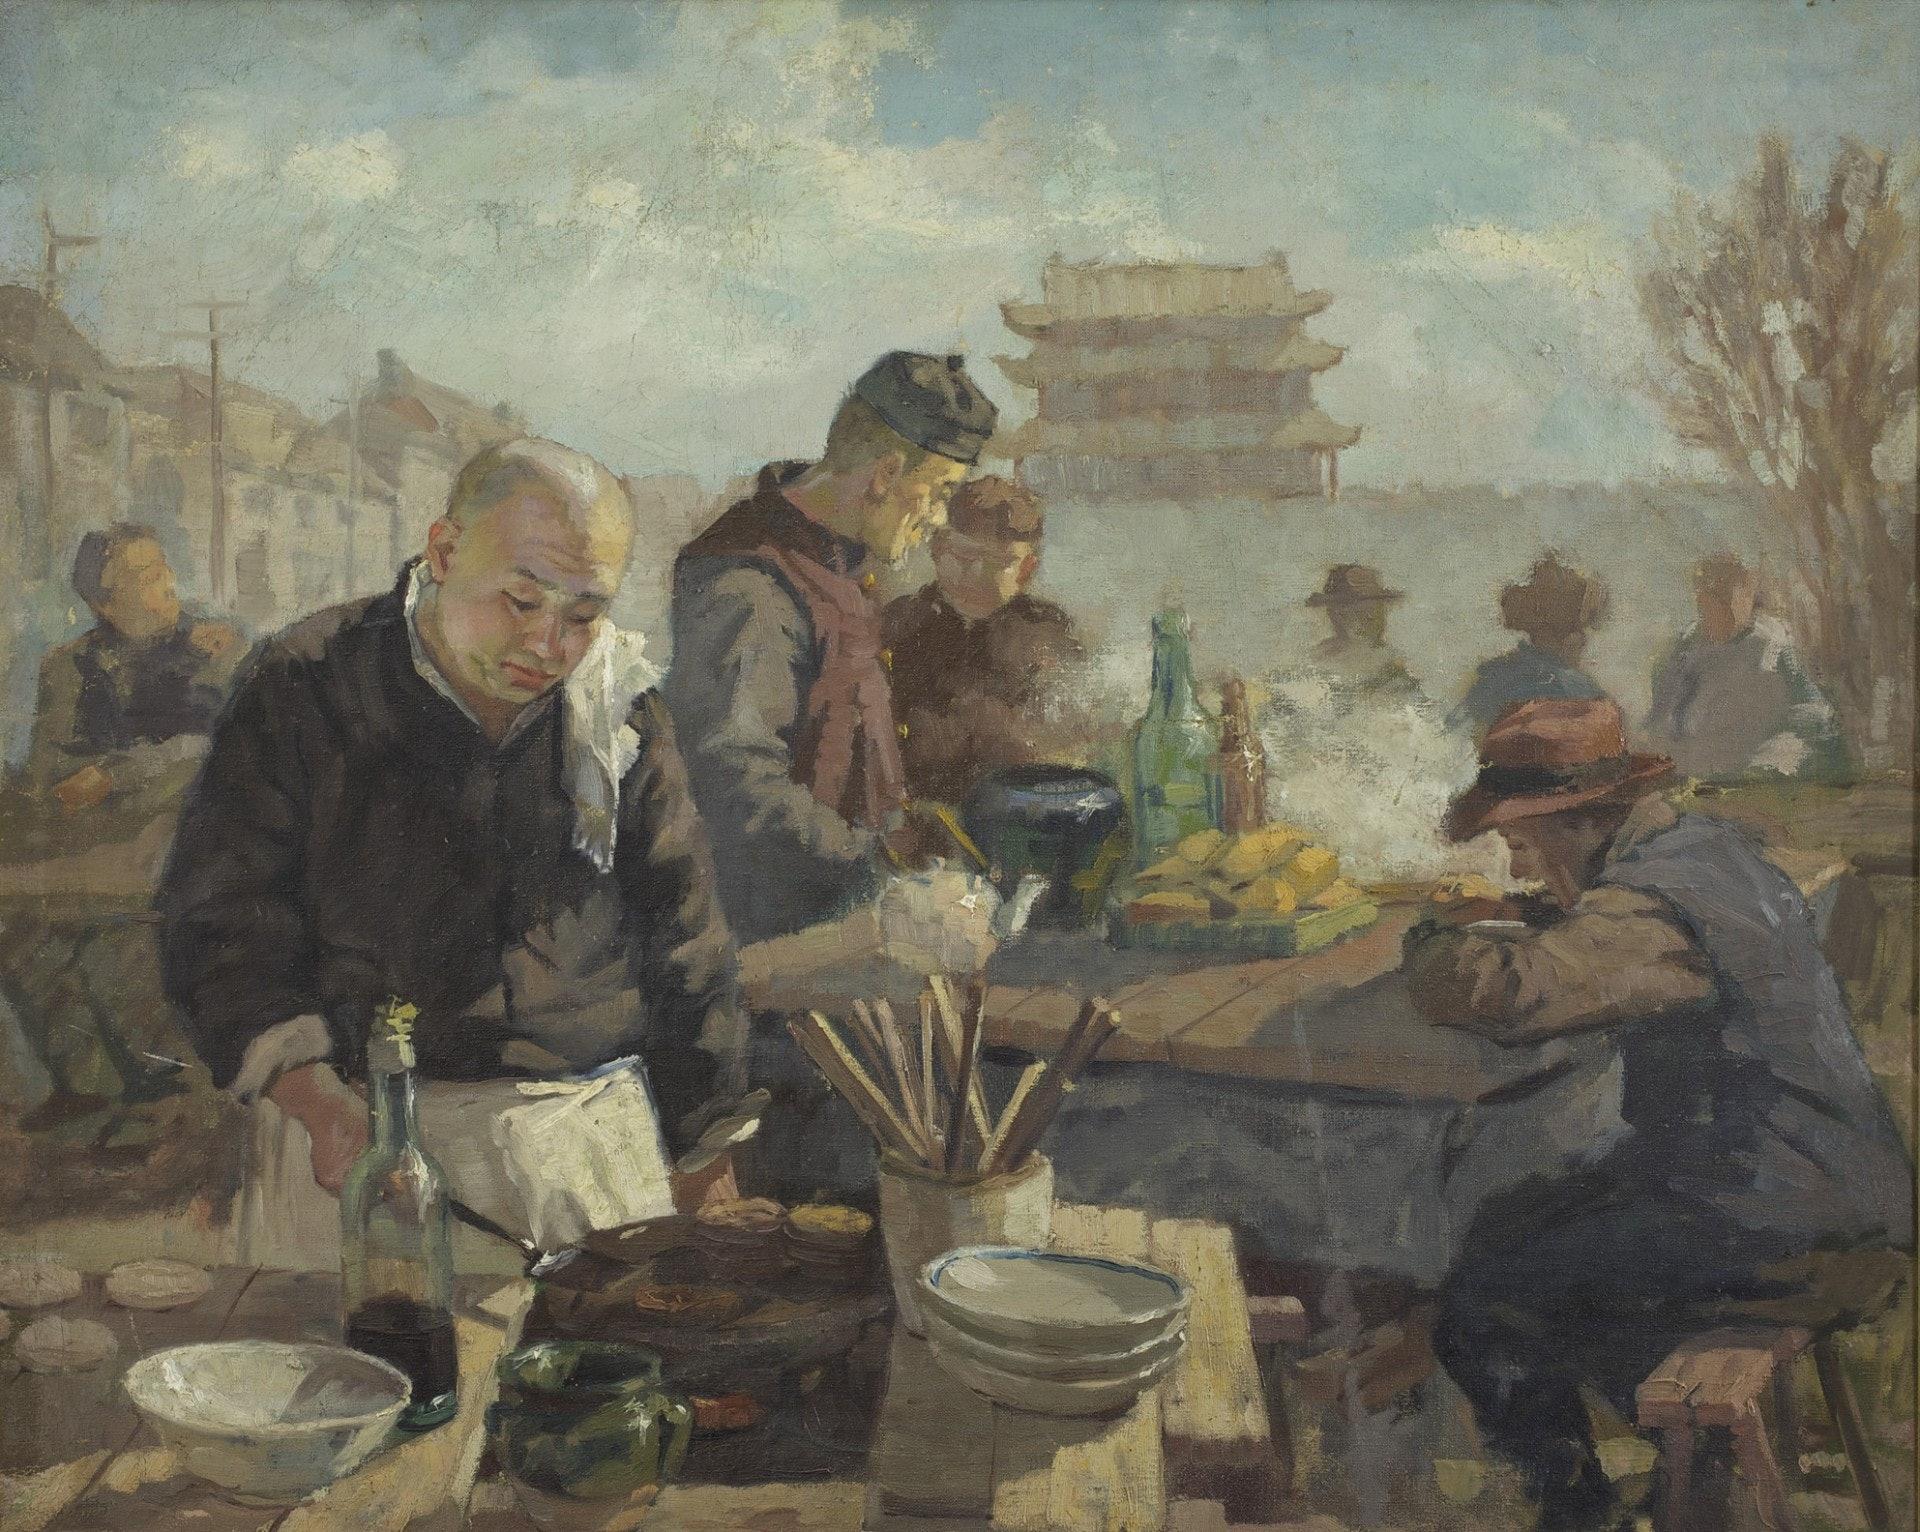 李宗津《平民食堂》(1947,布面油彩)